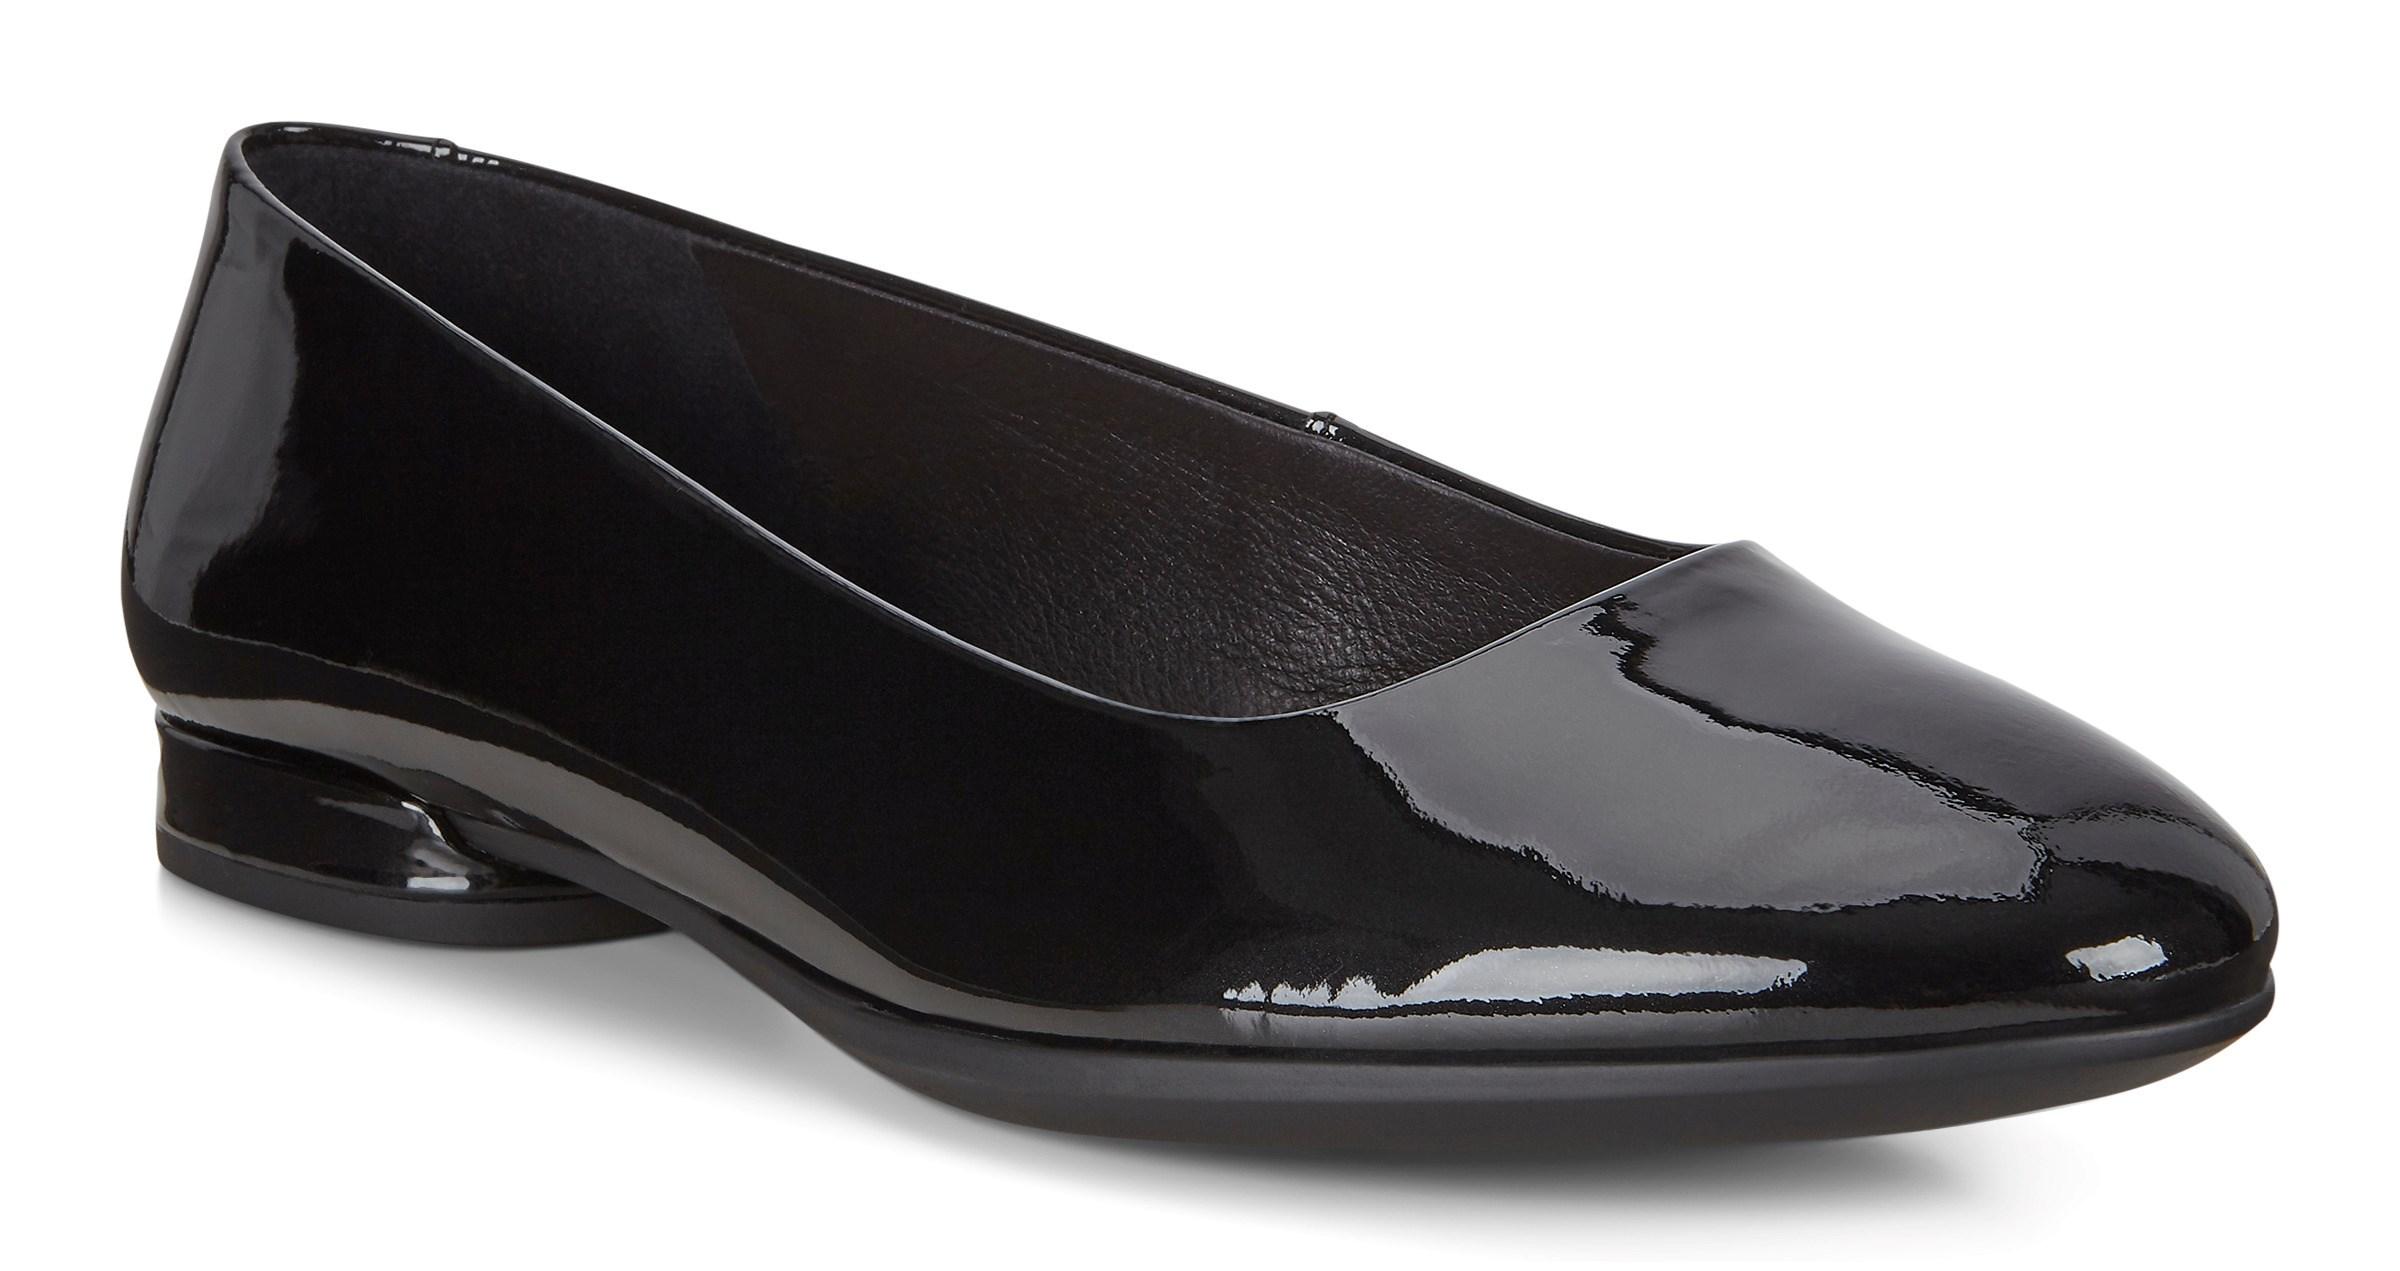 Shop Schuhe Einkaufen Ecco® Offiziellen Im Damen pSxPdqII